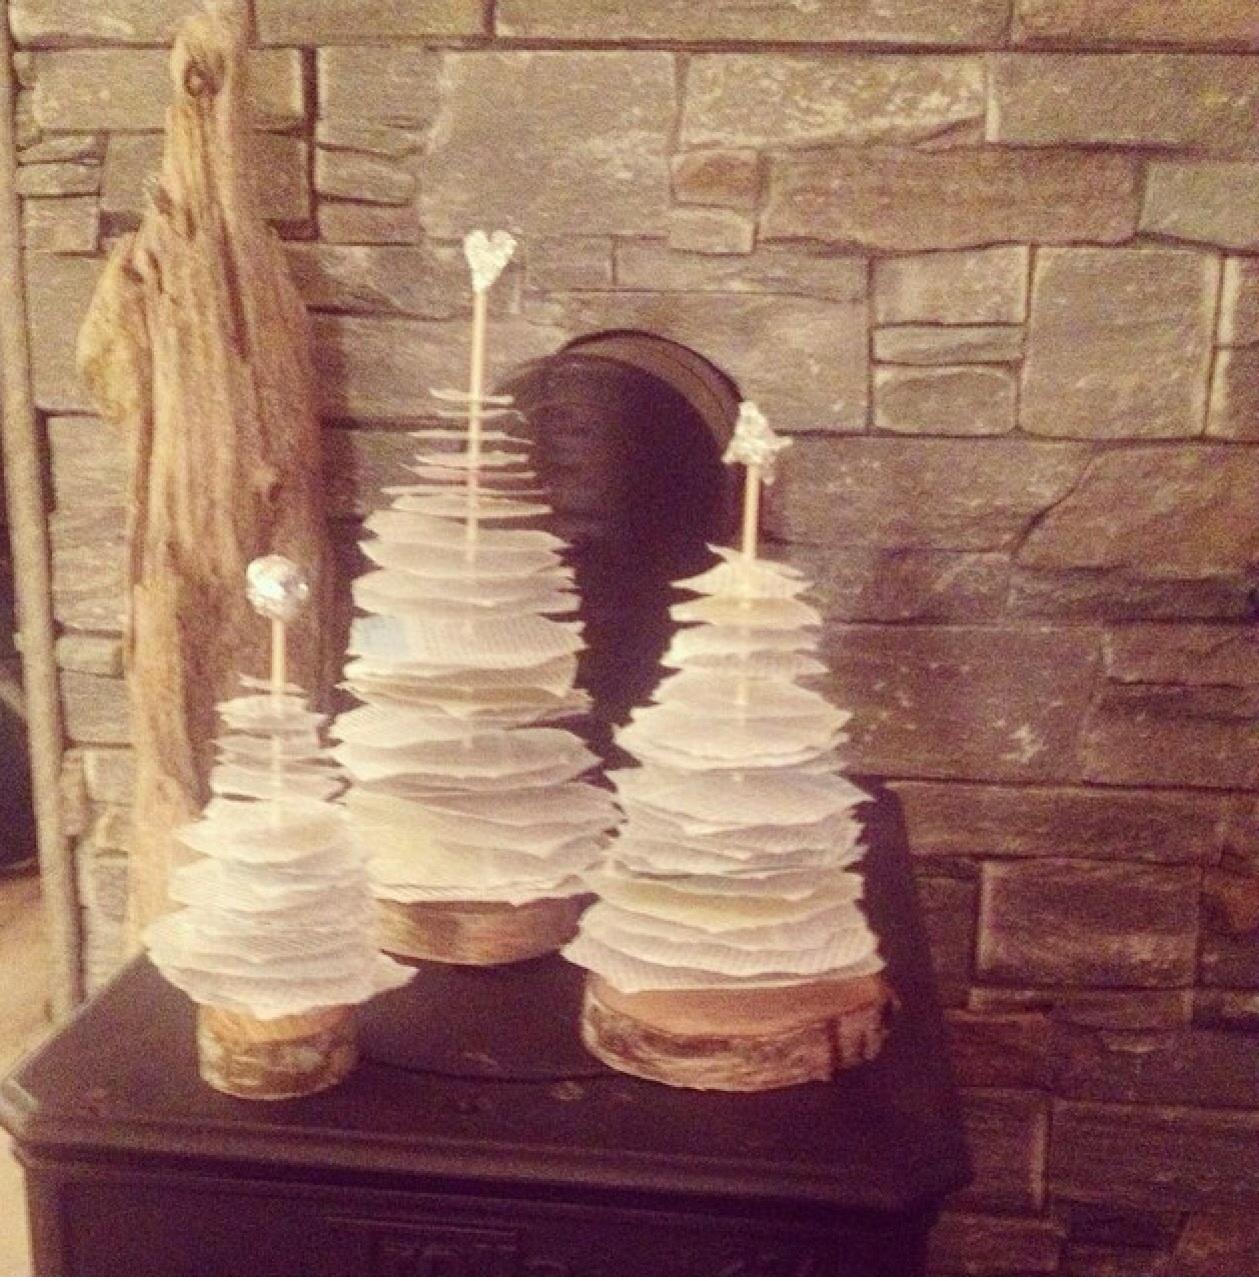 Dekorative juletrær laget av ( har det selv materialer) rund vedkubbe, grillpinner og en bok